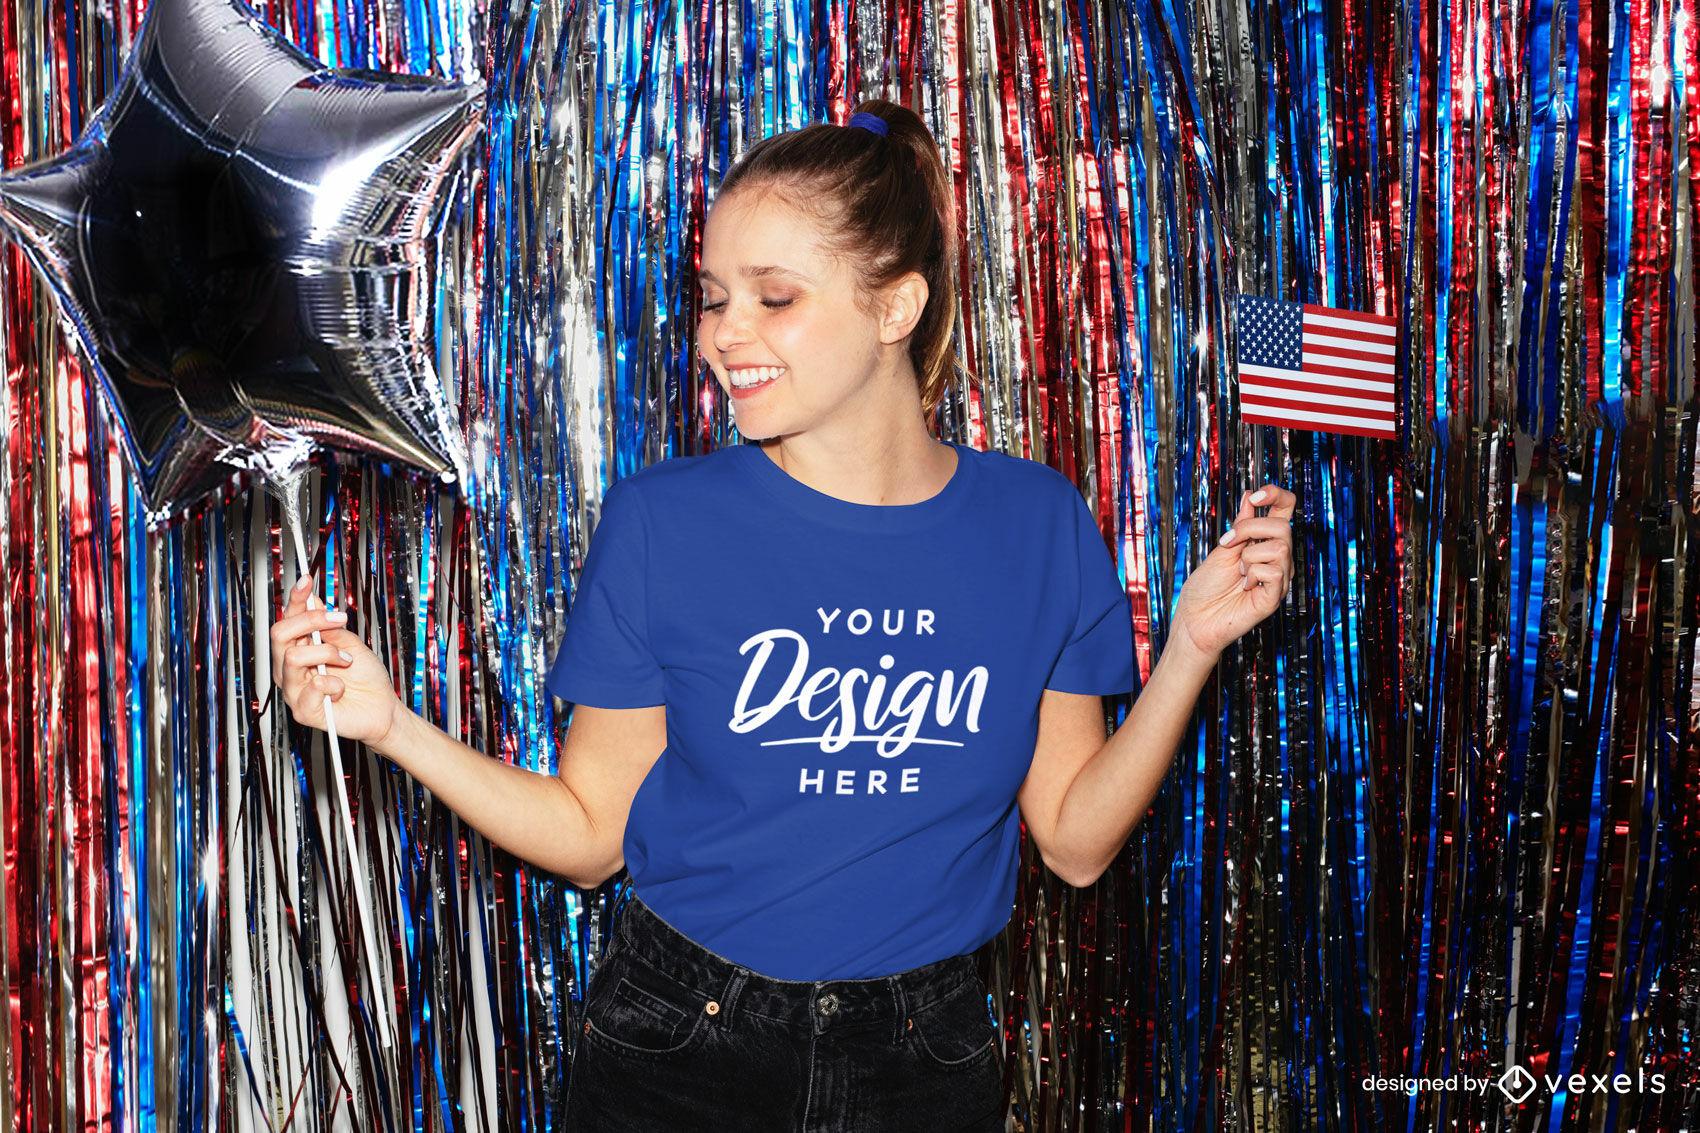 Blaues T-Shirt Mädchenmodell mit amerikanischer Flaggenparty